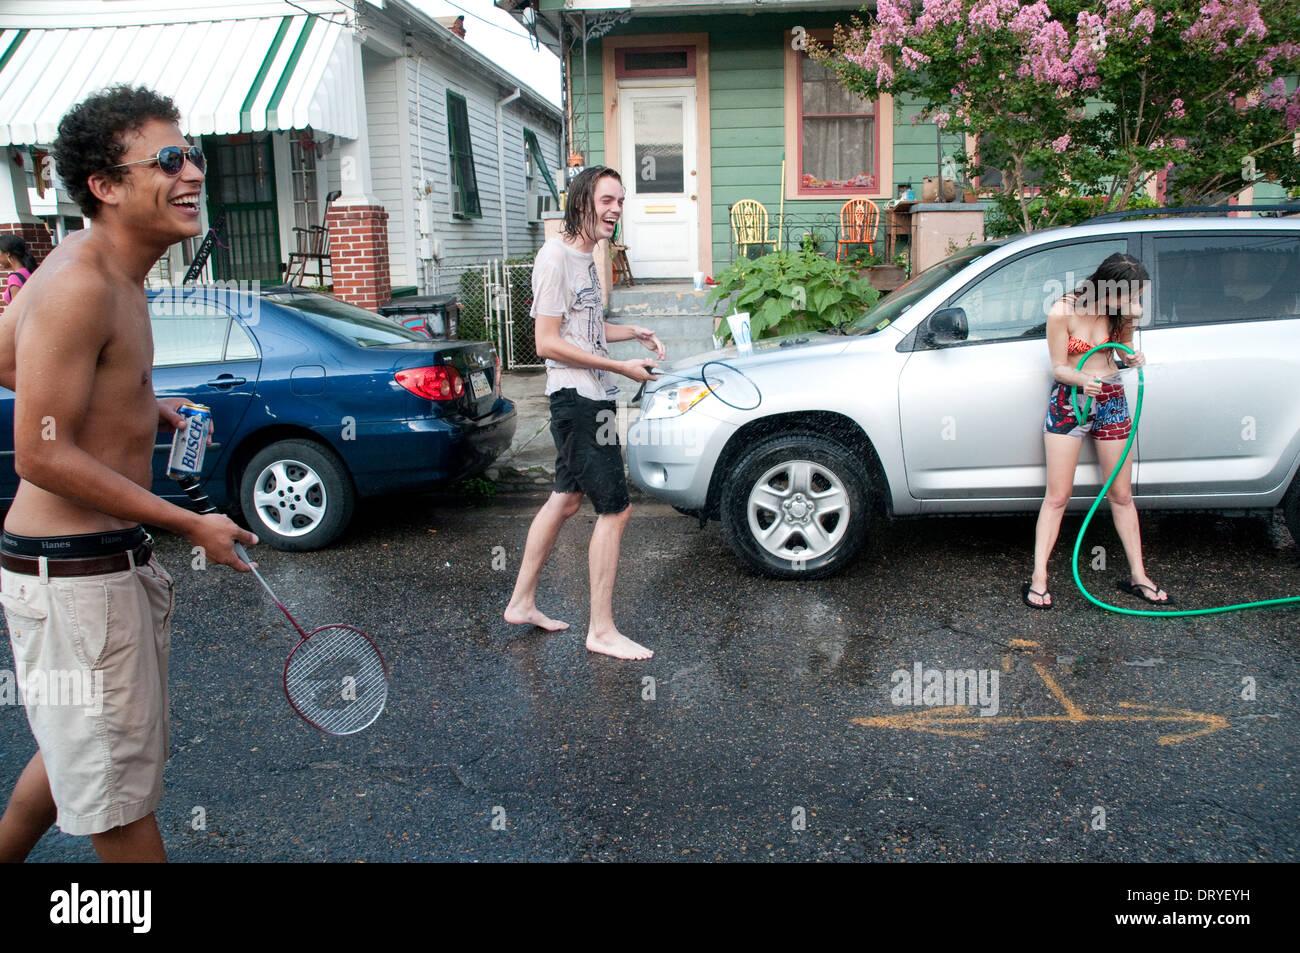 I residenti del quartiere di Bywater di New Orleans, riproduzione di strada informale badminton e divertirsi, Louisiana. Immagini Stock